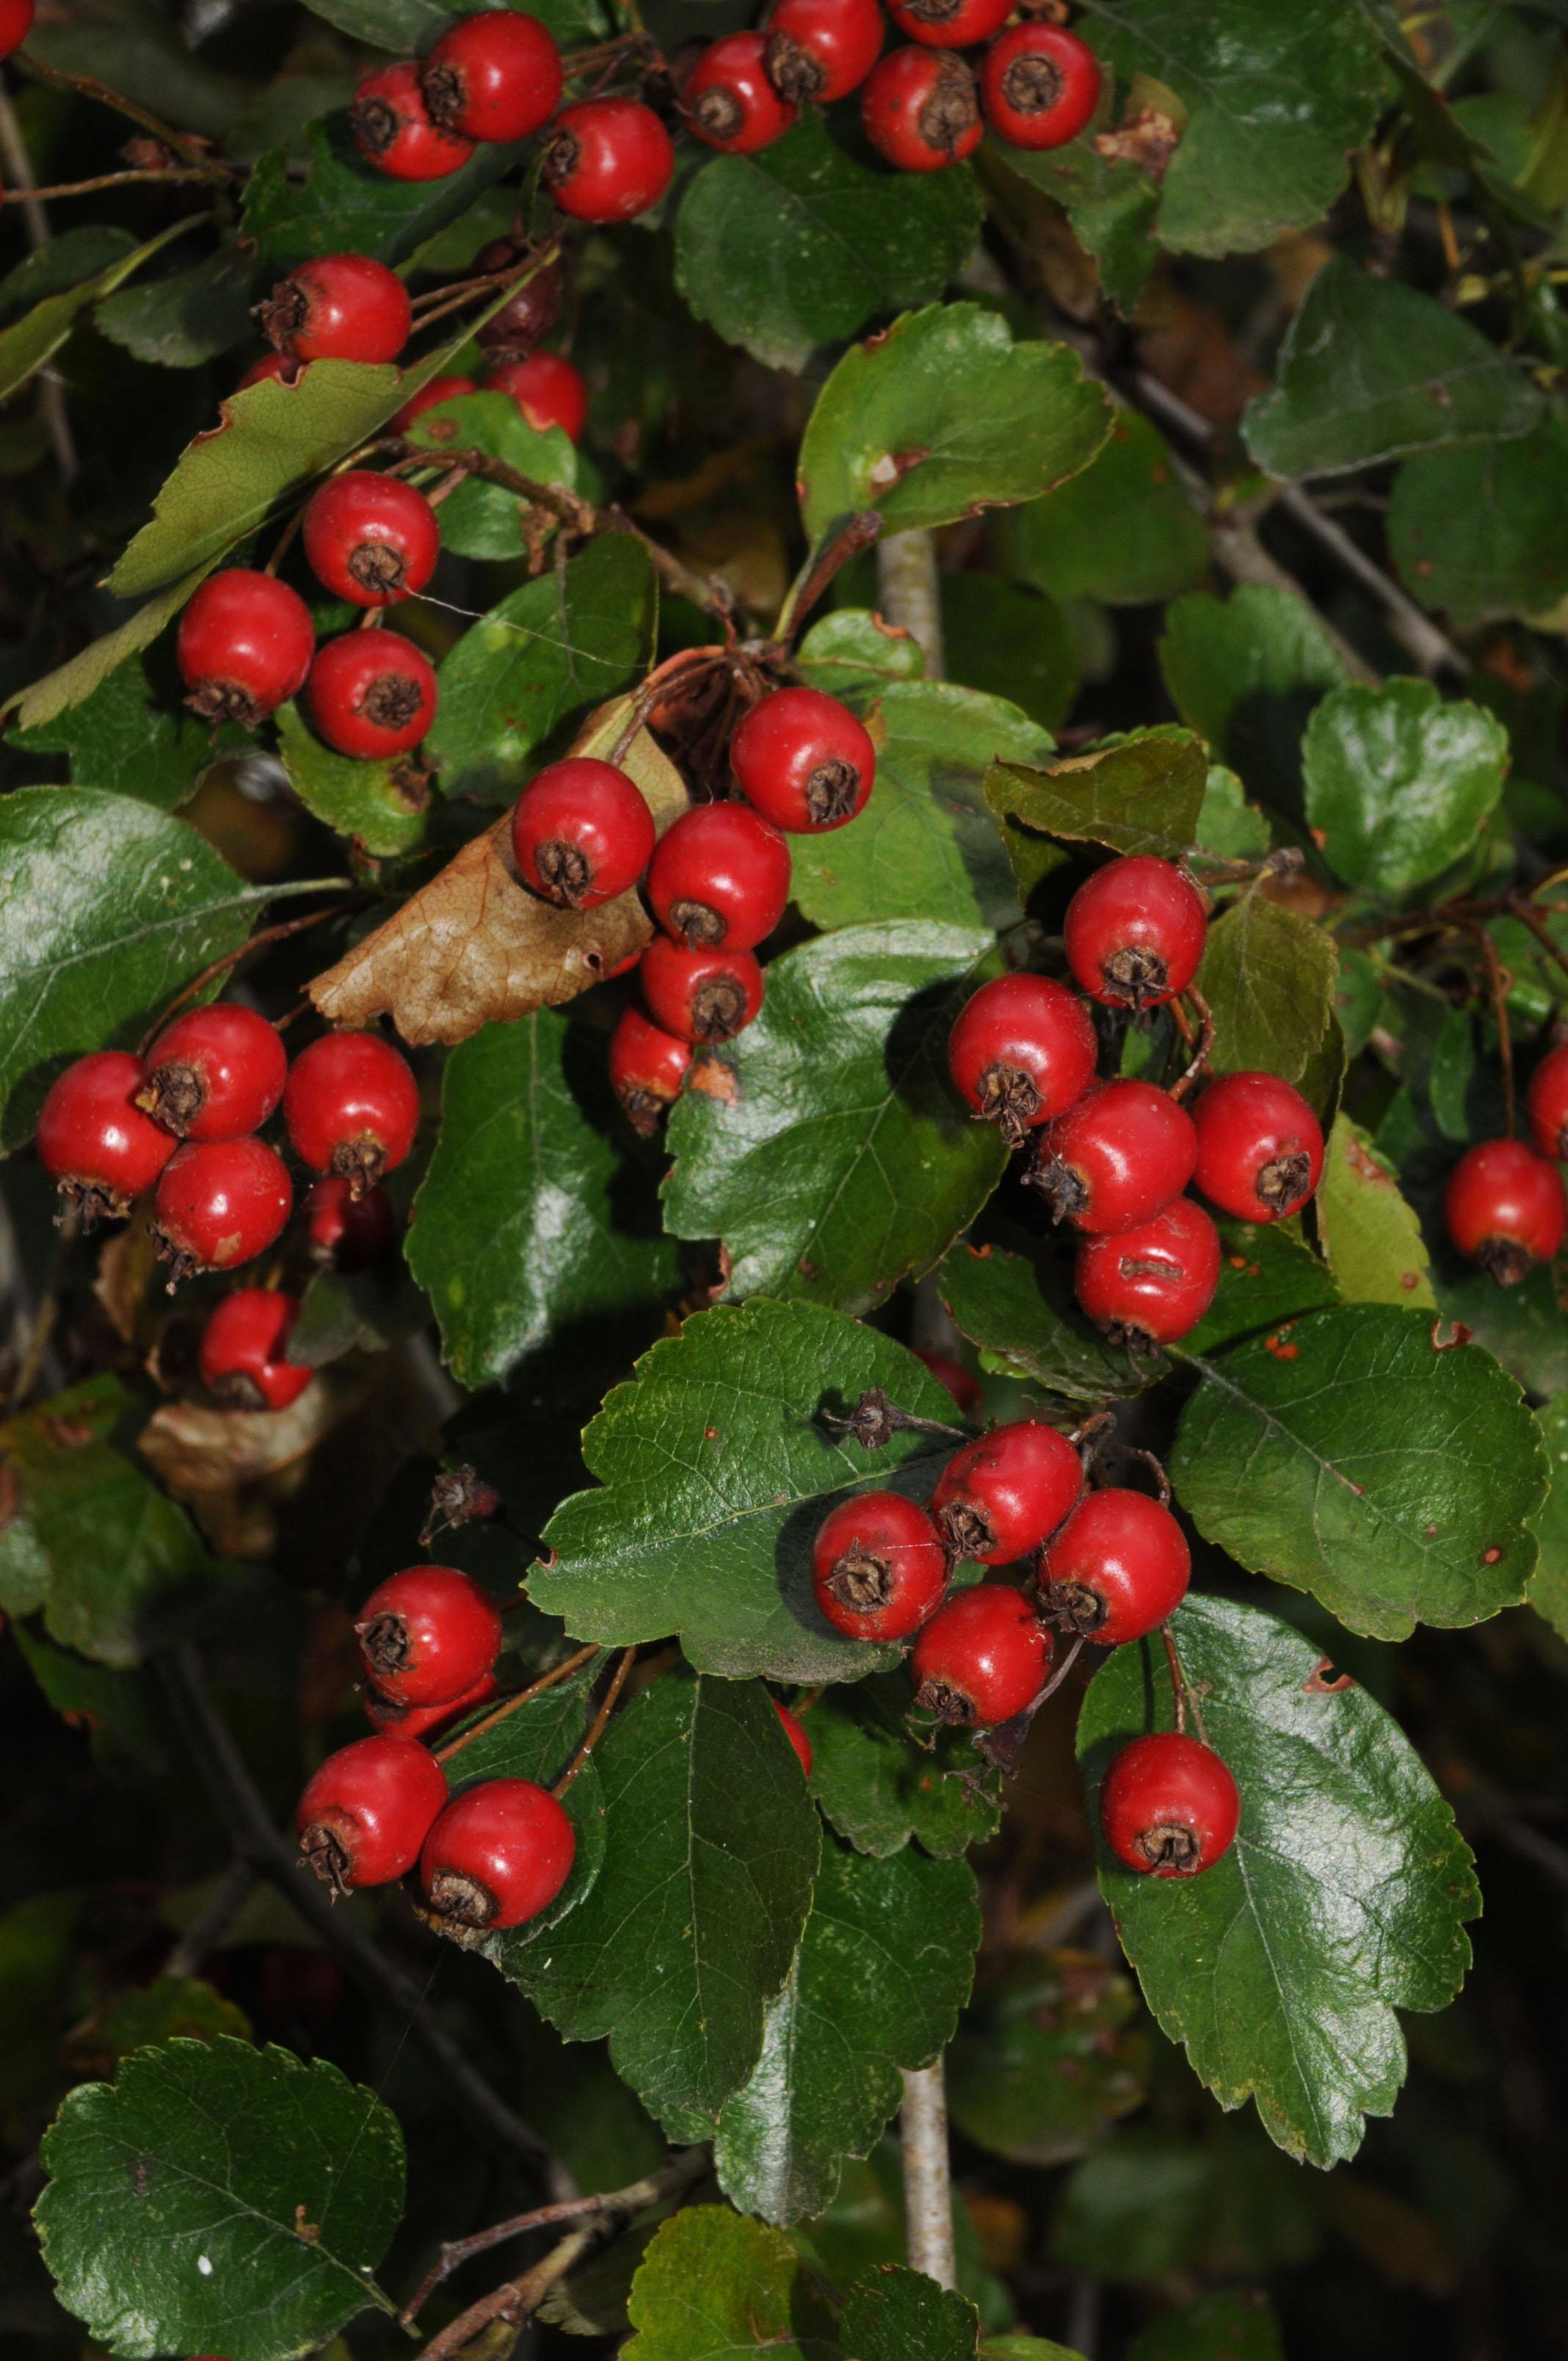 Auf dem Bild ist Crataegus laevigata mit den roten Fruchtkörpern zu sehen.